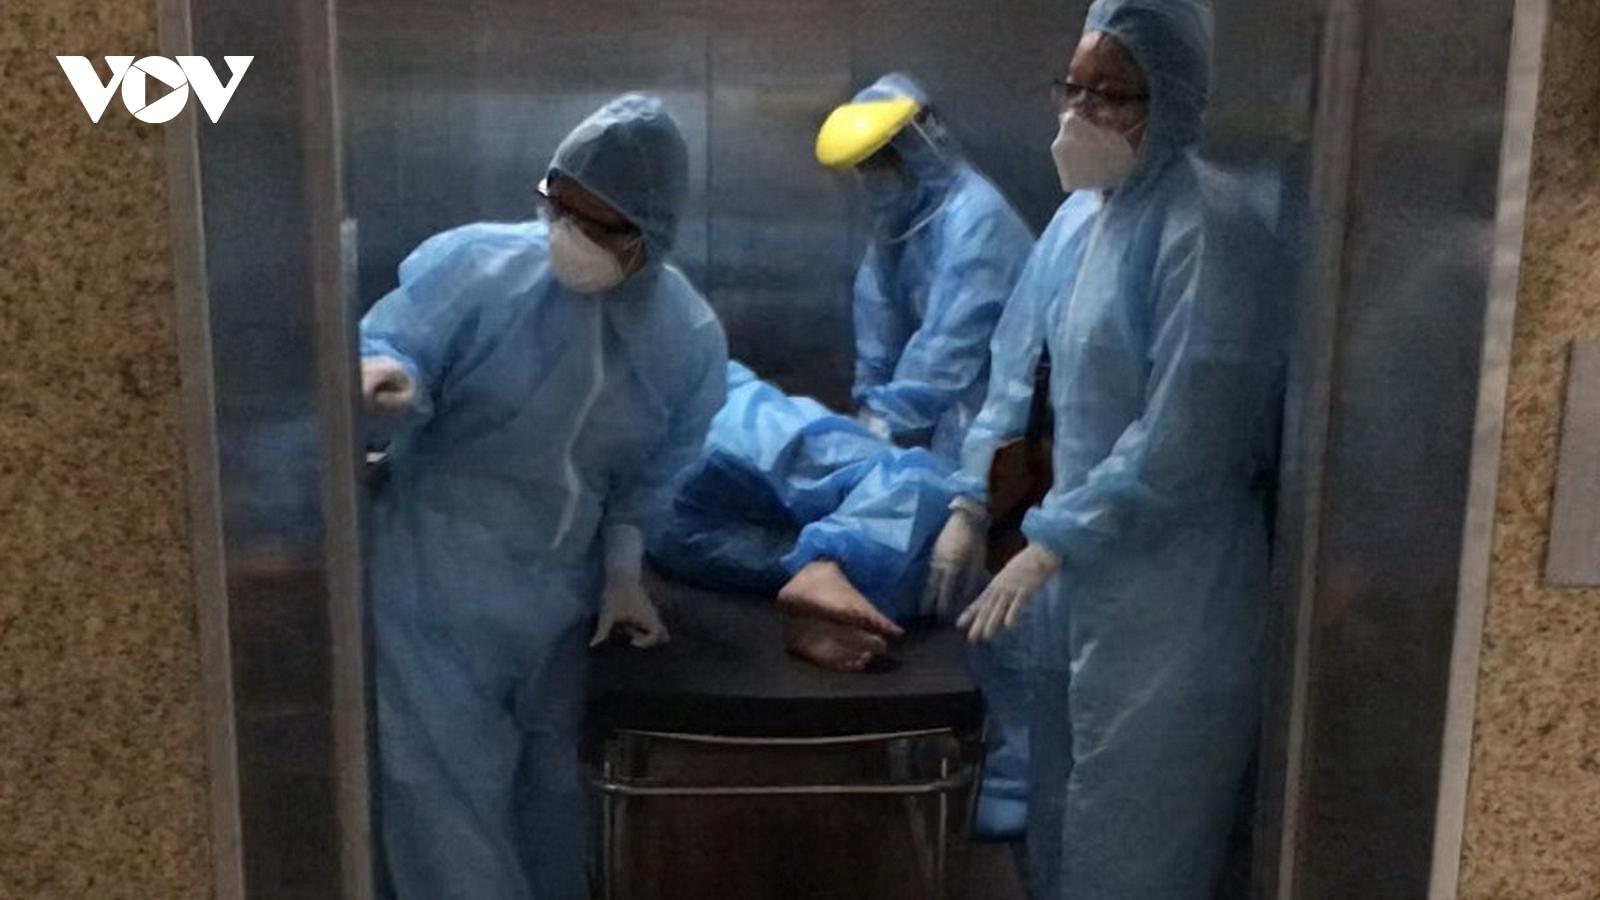 Mổ cấp cứu thành công sản phụ chuyển dạ trong khu cách ly tại Đà Nẵng